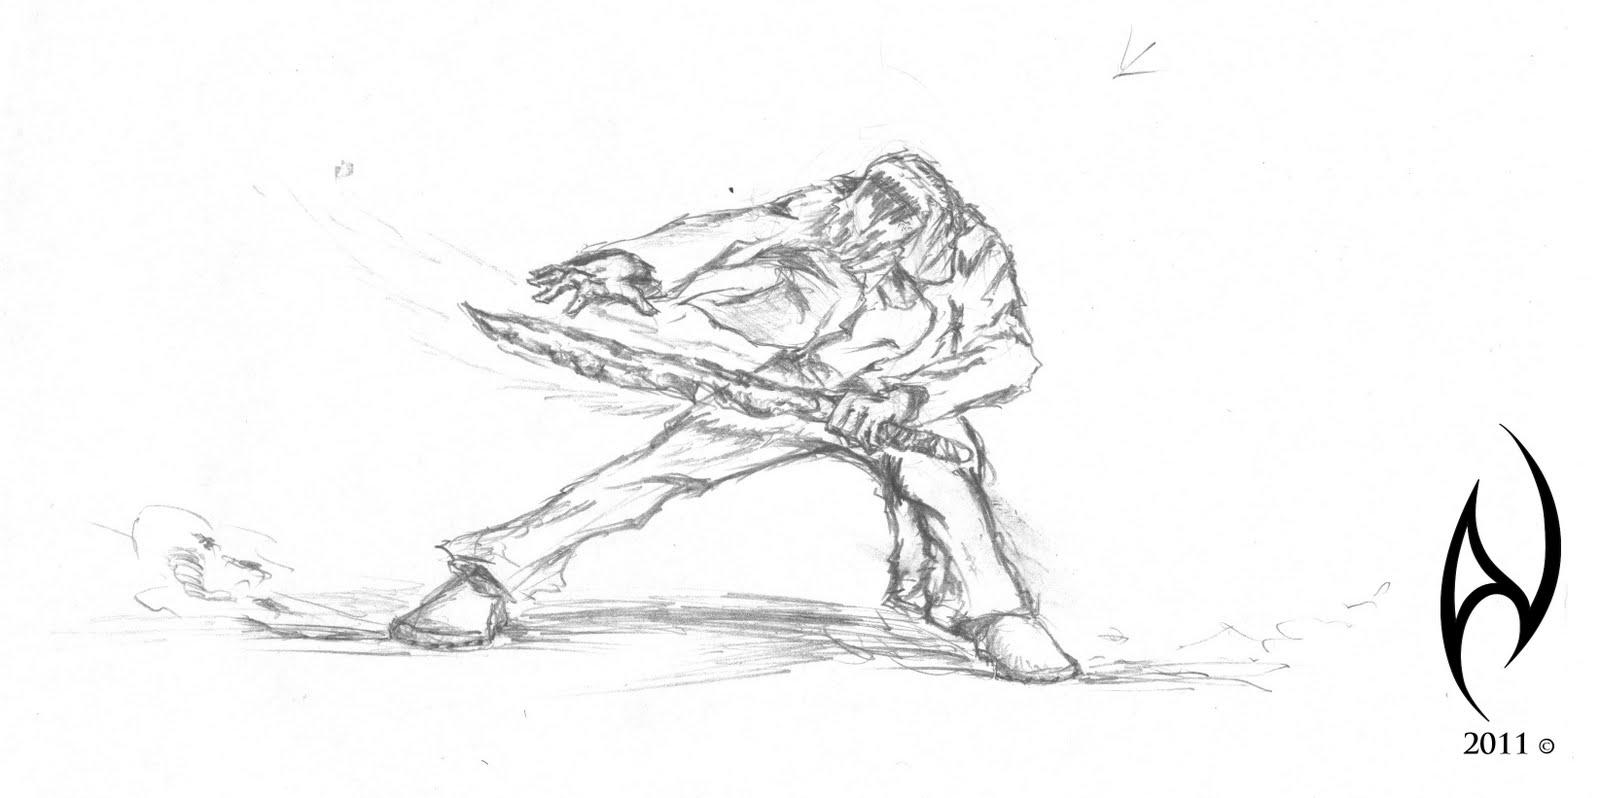 Albert Nash Flegler Sketch Update